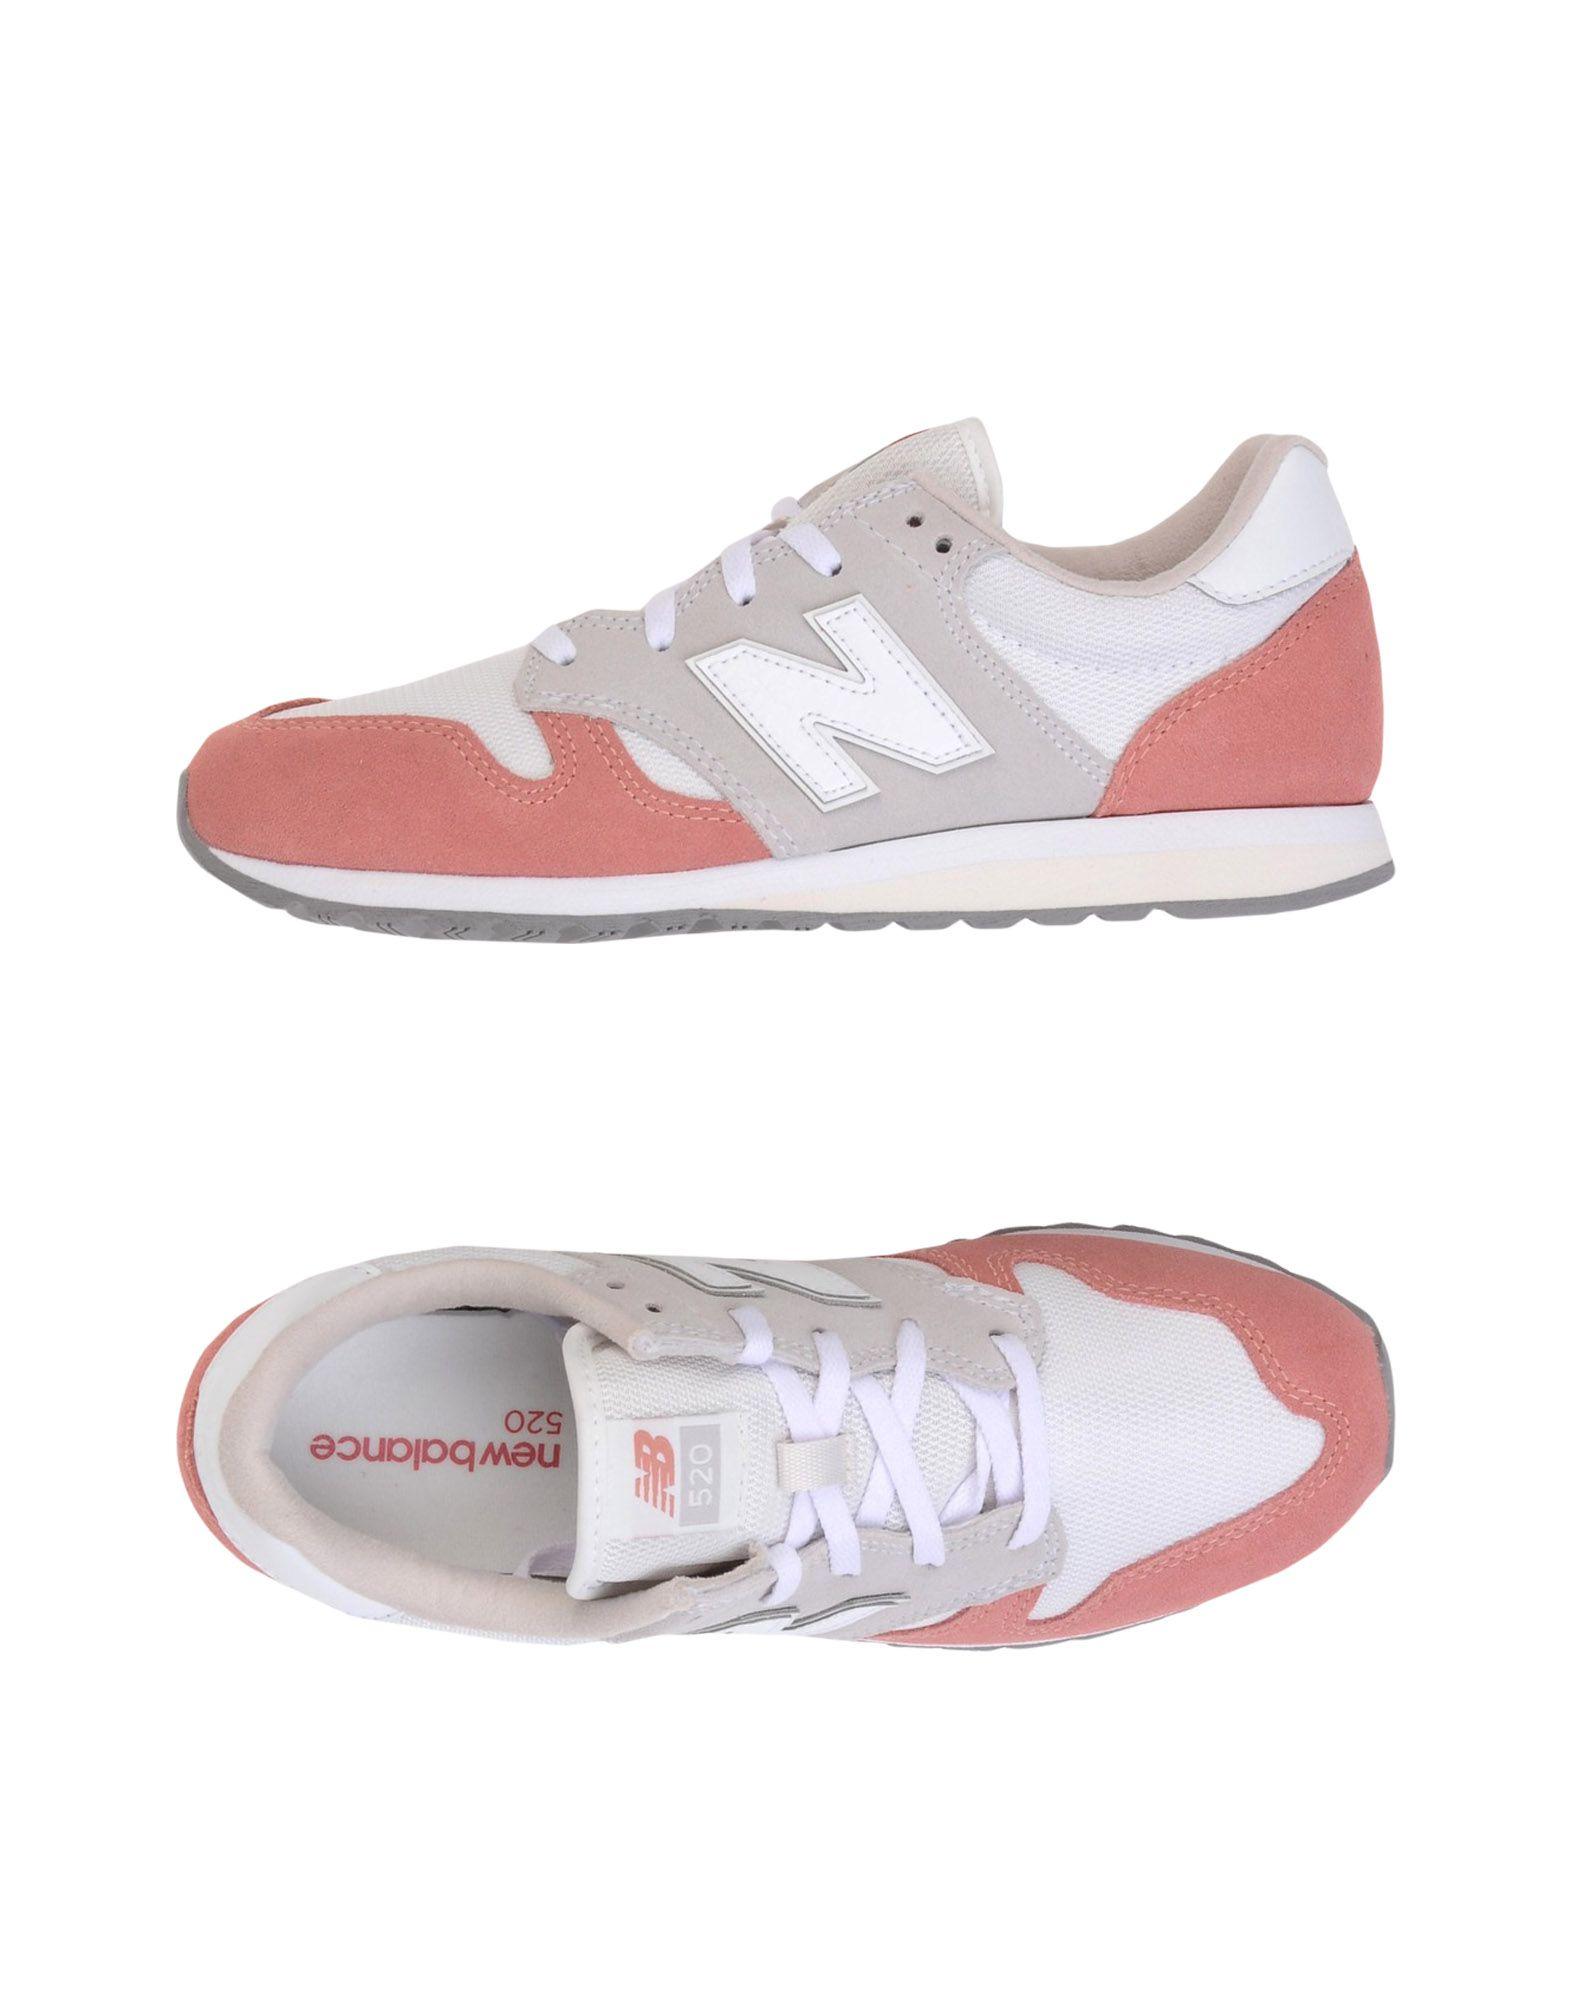 New Balance 520 Tier 2  11467249BE Gute Qualität beliebte Schuhe